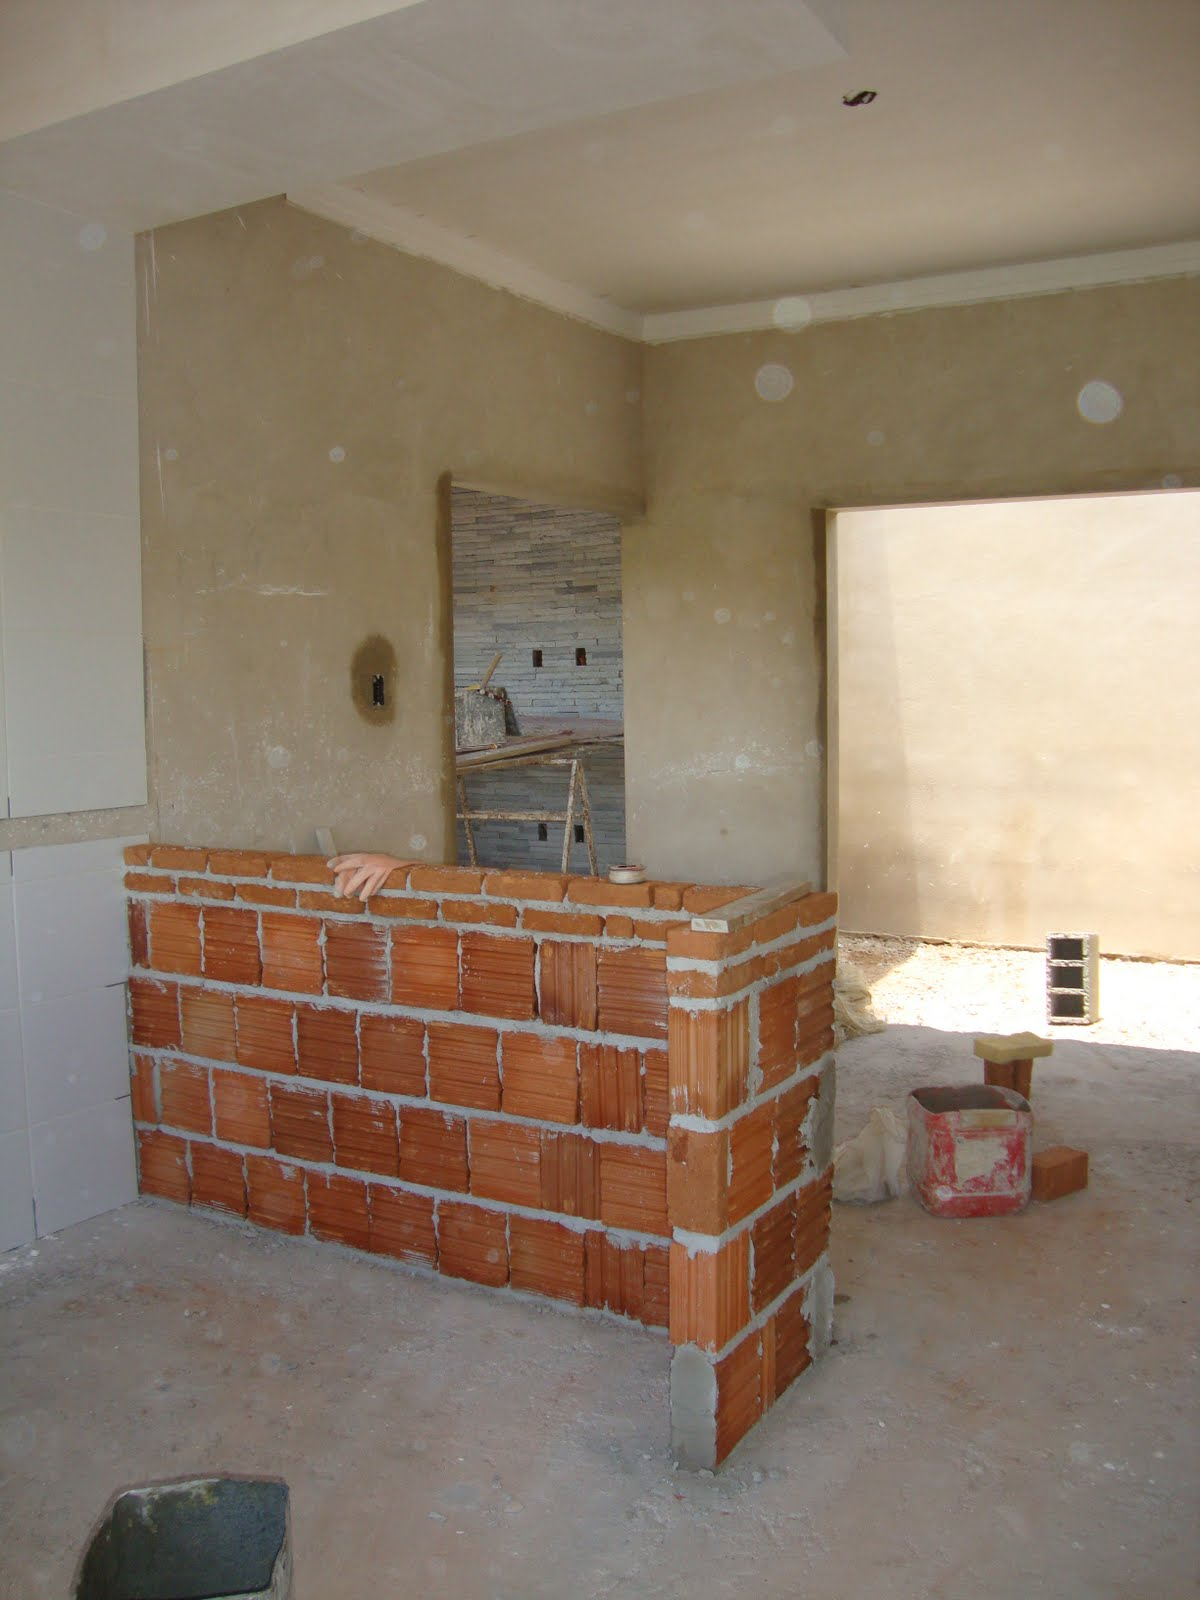 Construindo sobre a rocha: Começa a sanca e meu balcão da cozinha #A47327 1200 1600